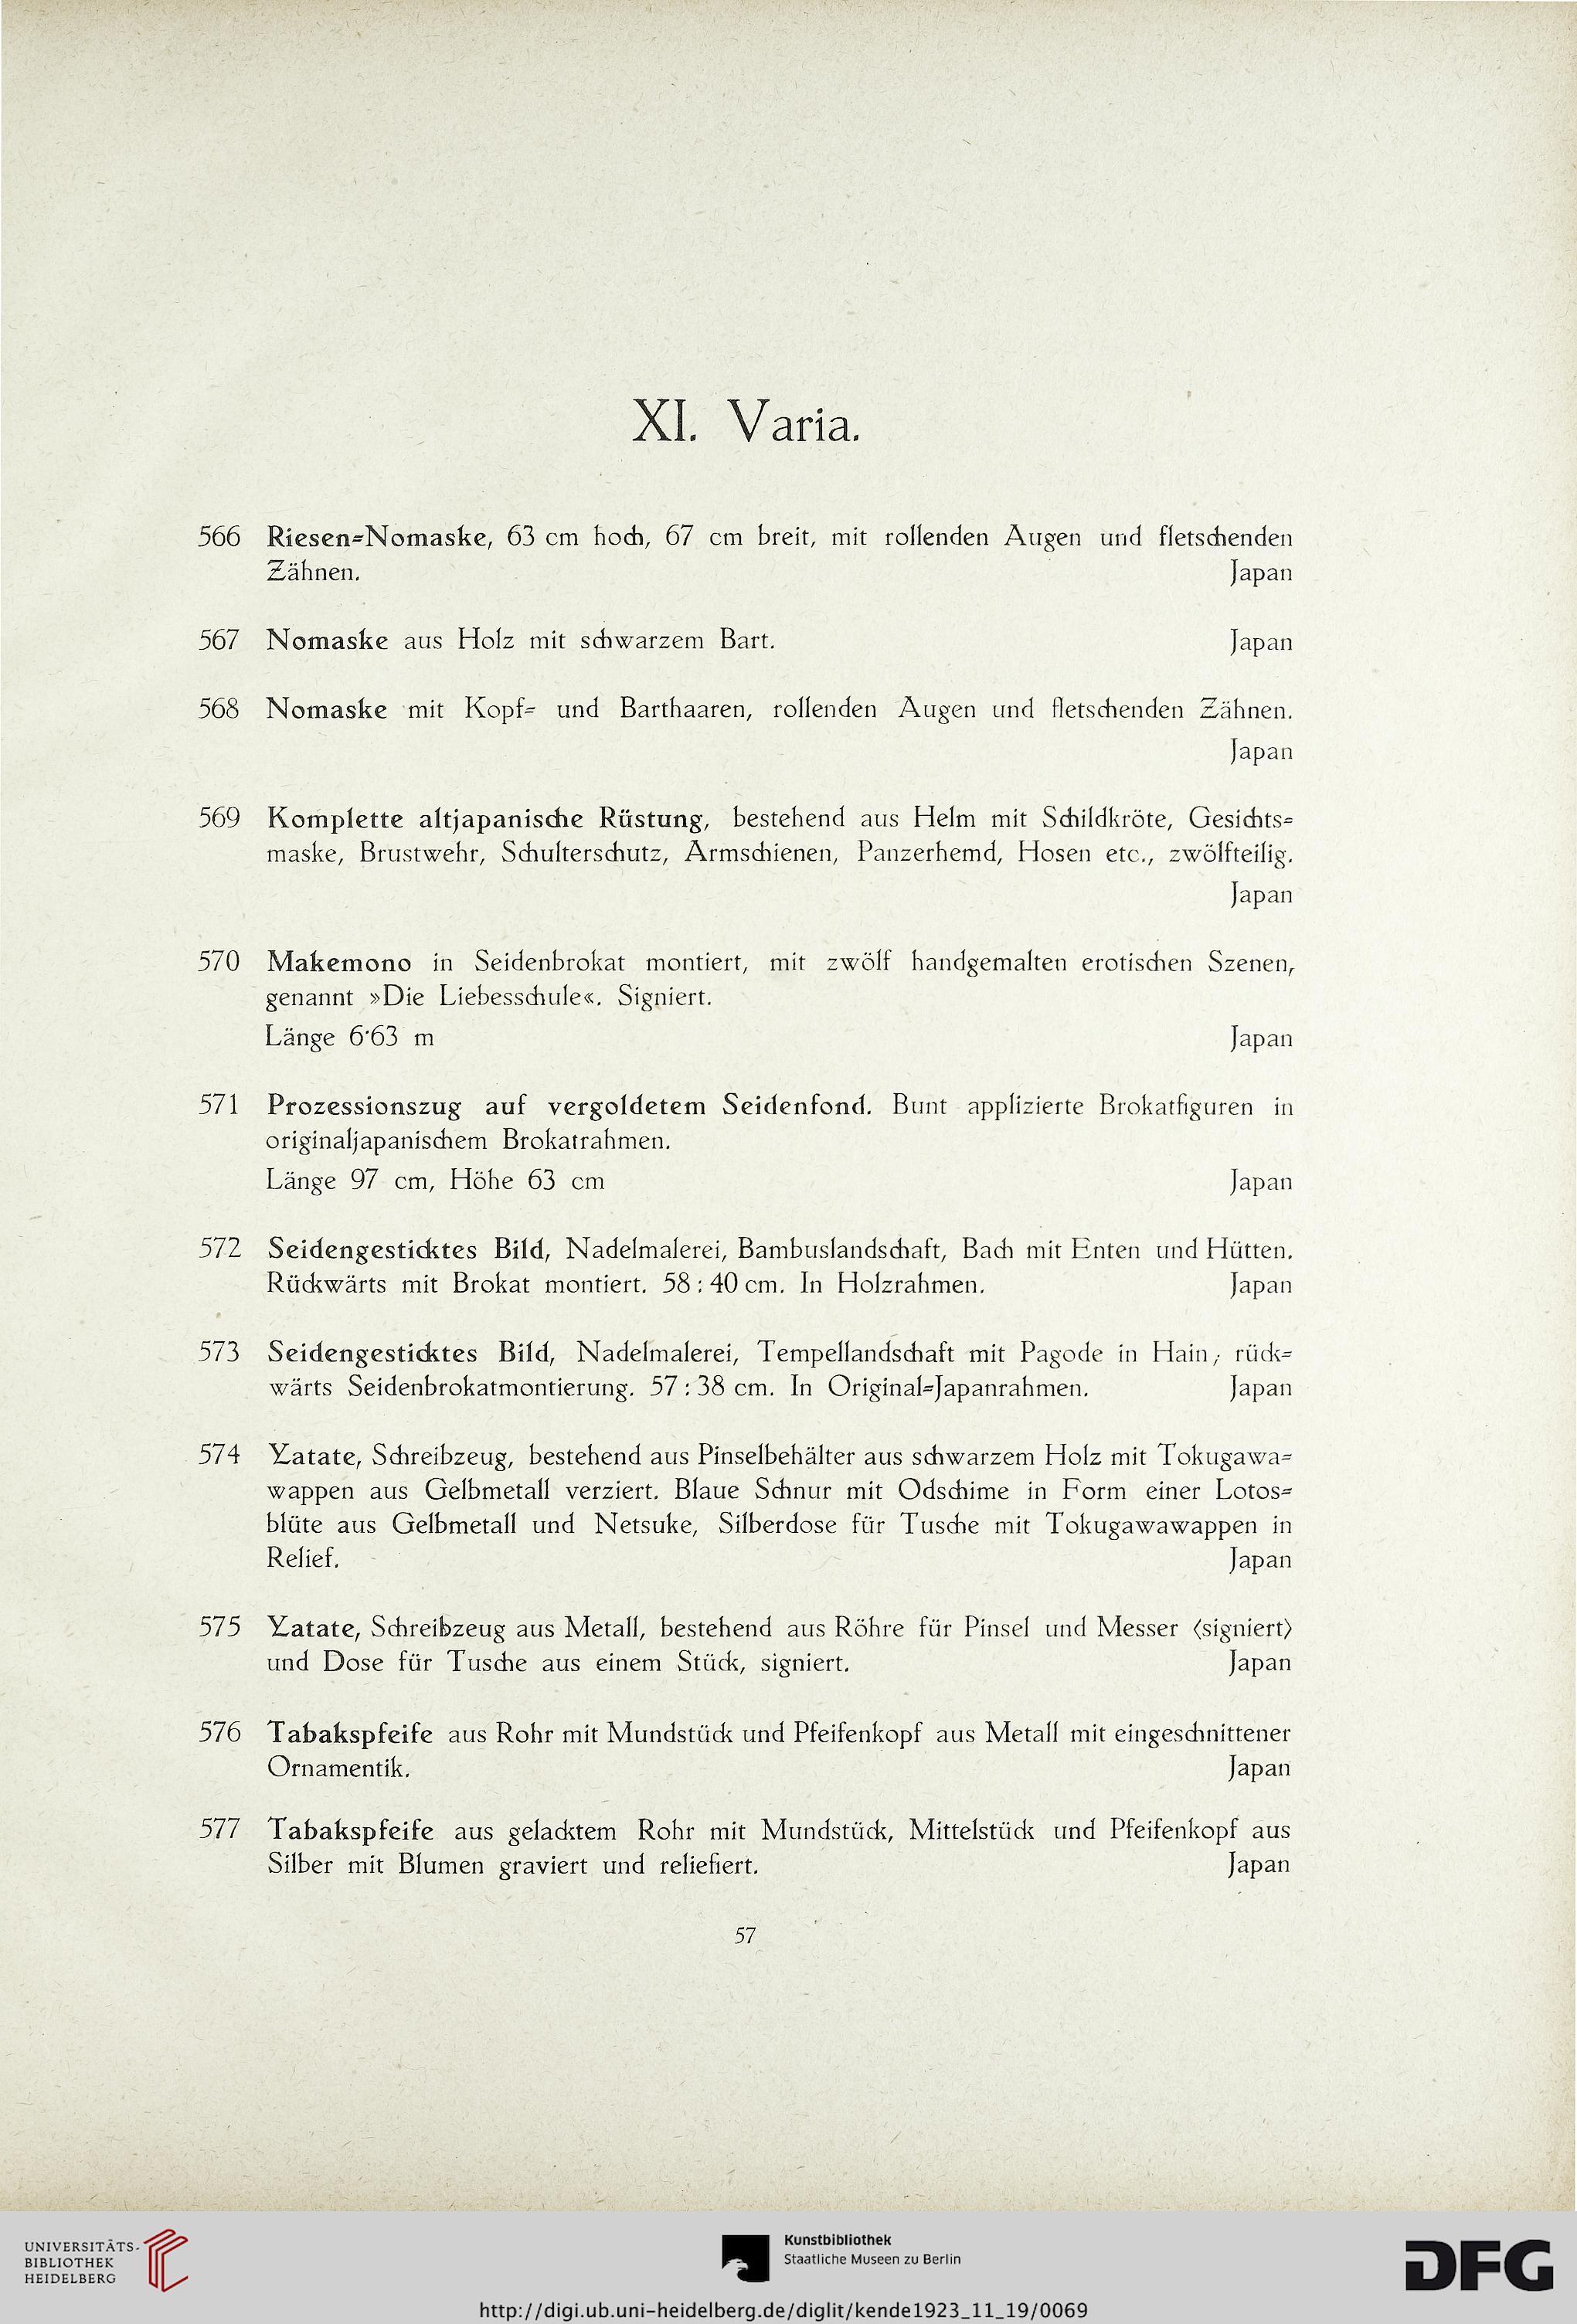 Auktionshaus Albert Kende <Wien> [Hrsg.]: Nachlaß Heinrich Eisenbach ...